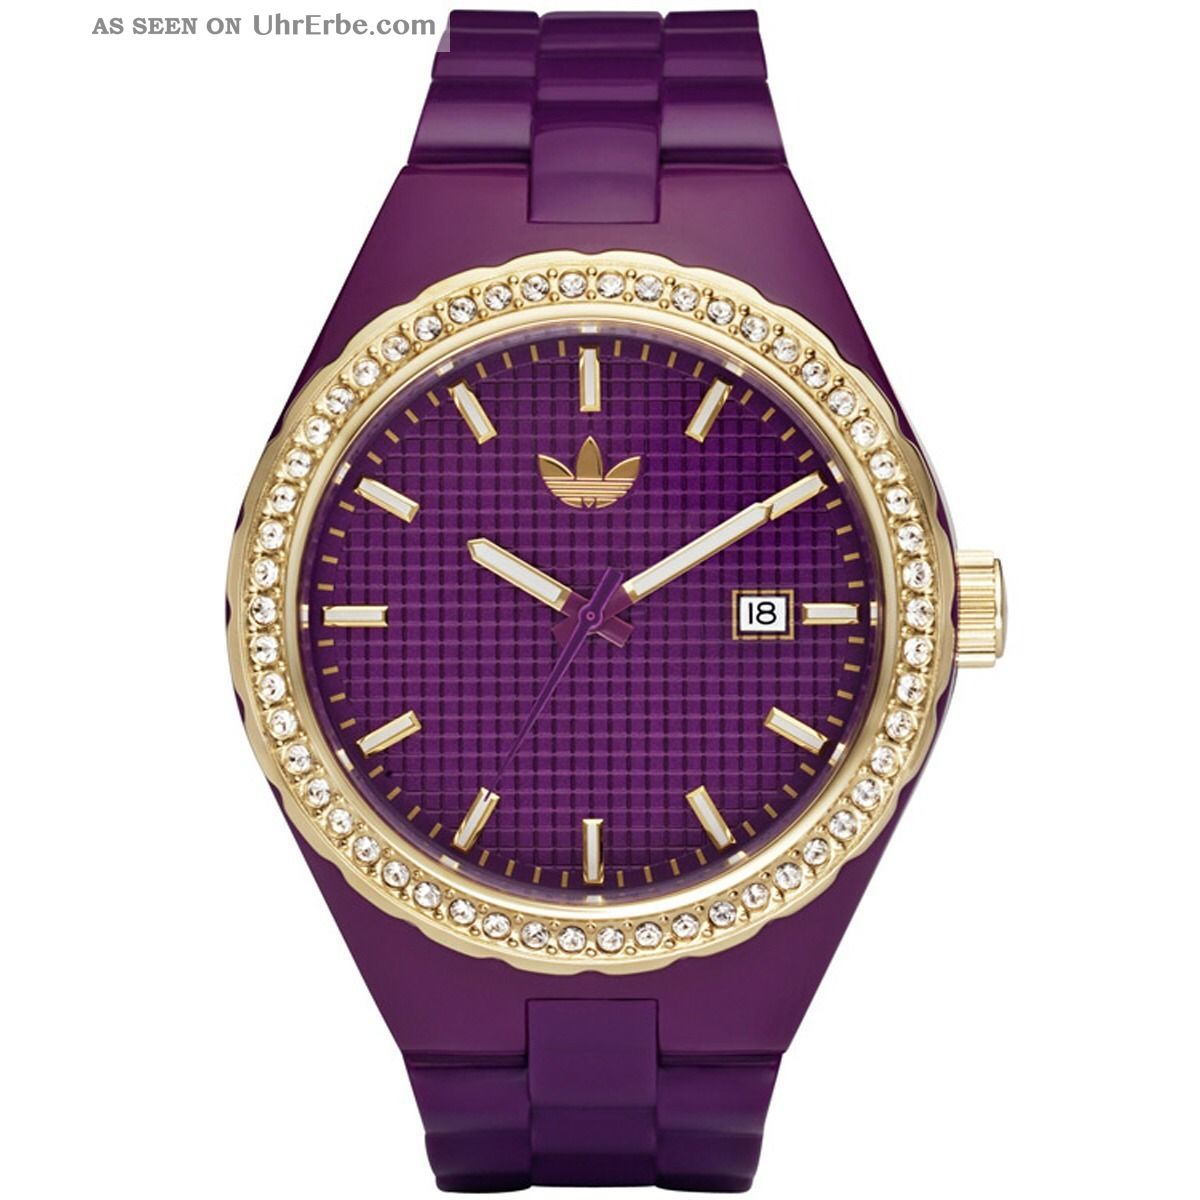 Adidas Damenuhr In Lila/gold Und Strass.  Wie ❤️ Vintage Blogger❤️ Armbanduhren Bild